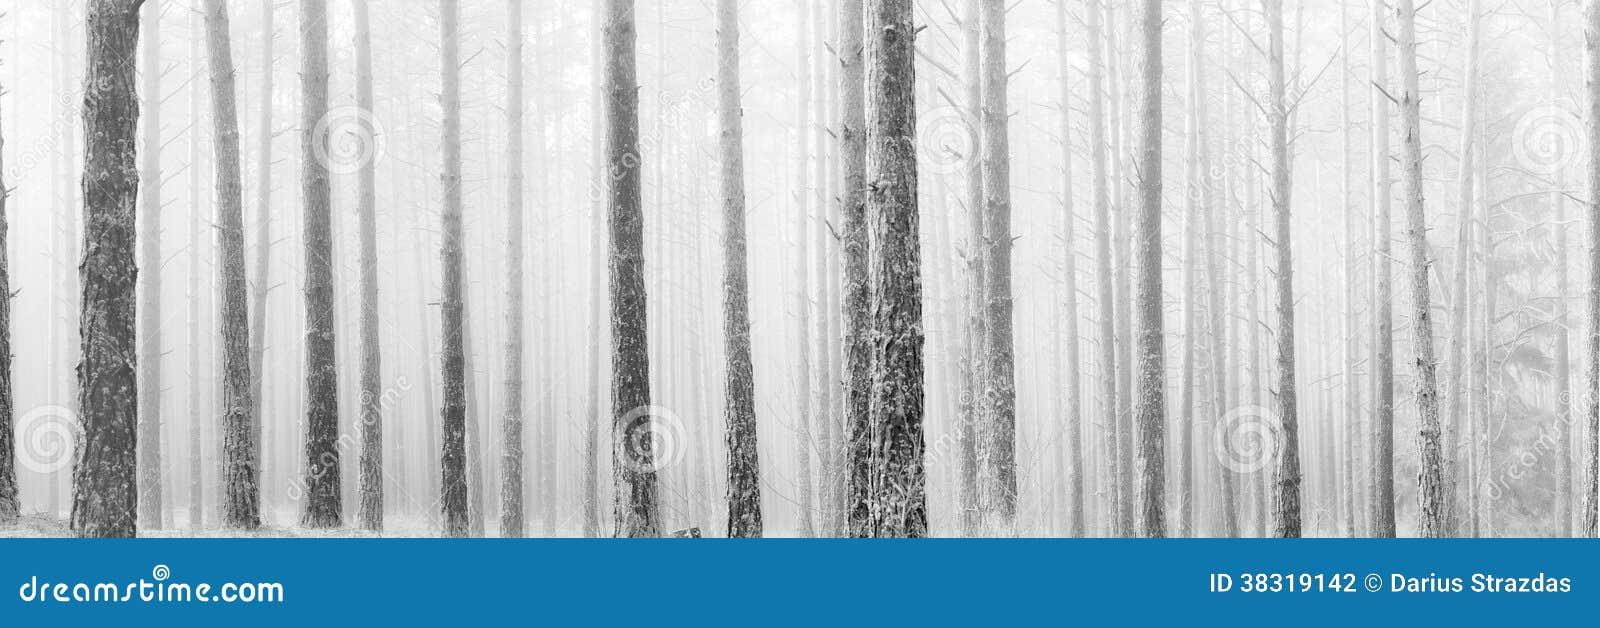 Lange naakte pijnboombomen in de wintermist